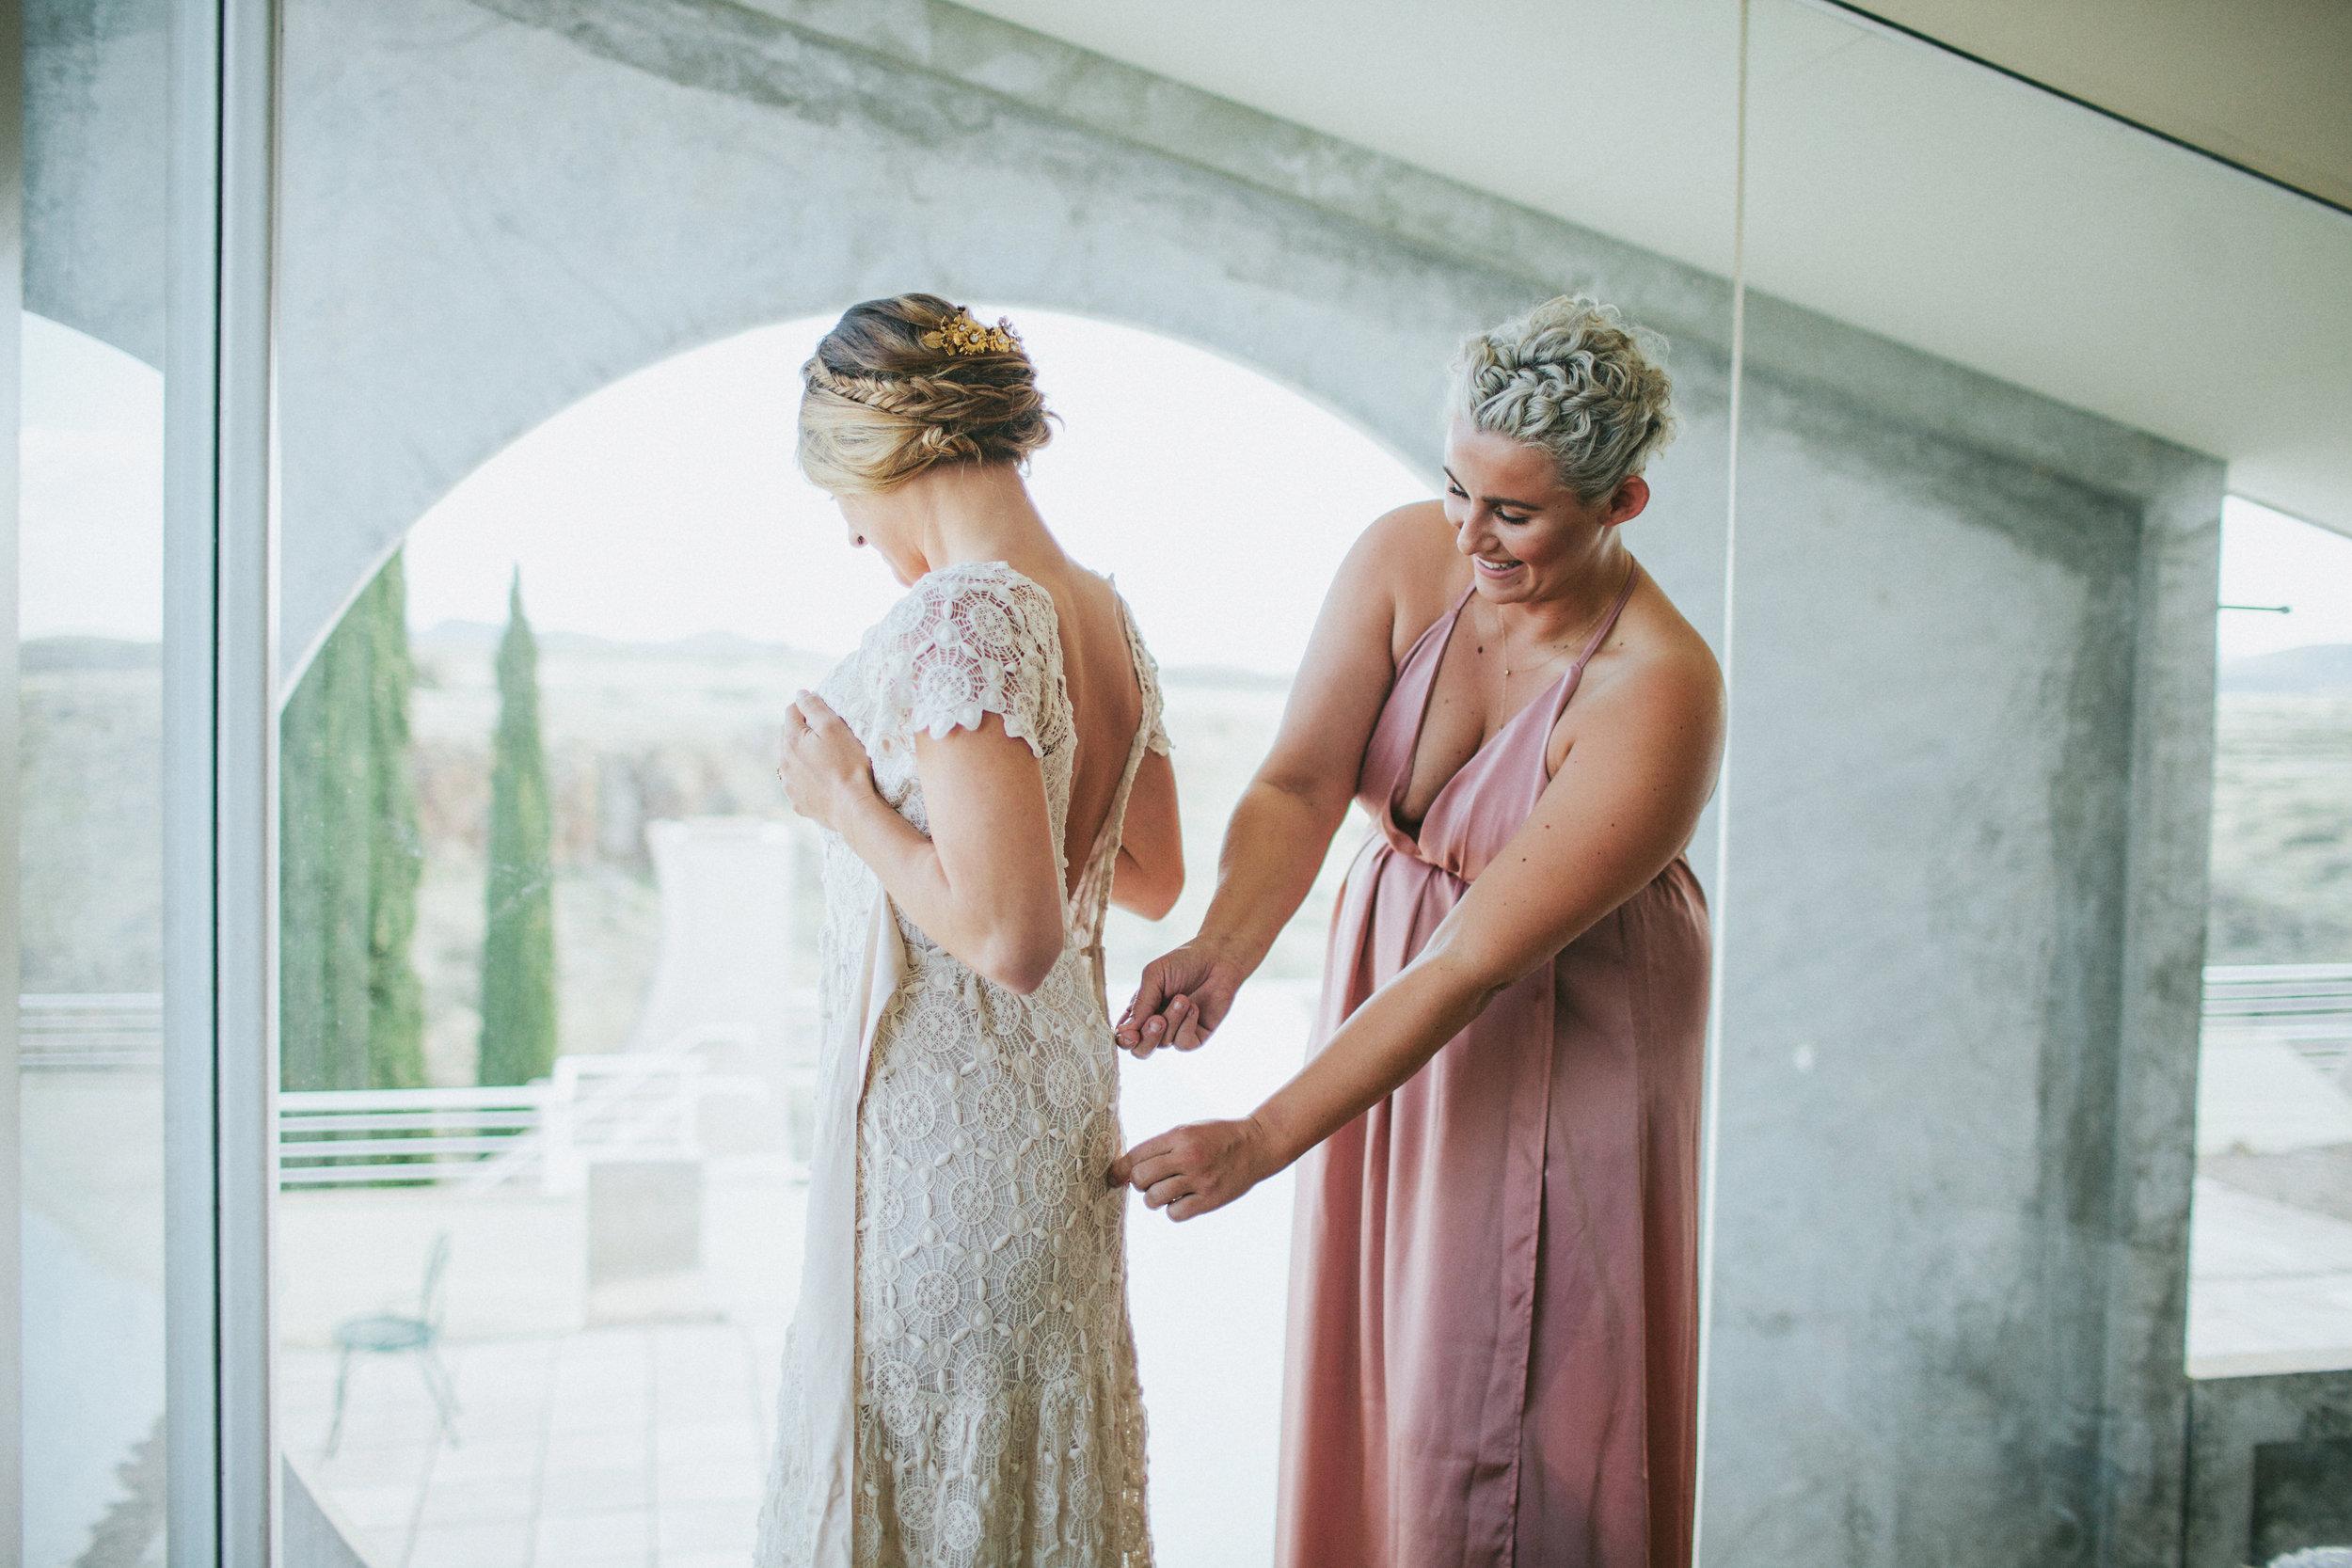 KJ_wedding_068.jpg